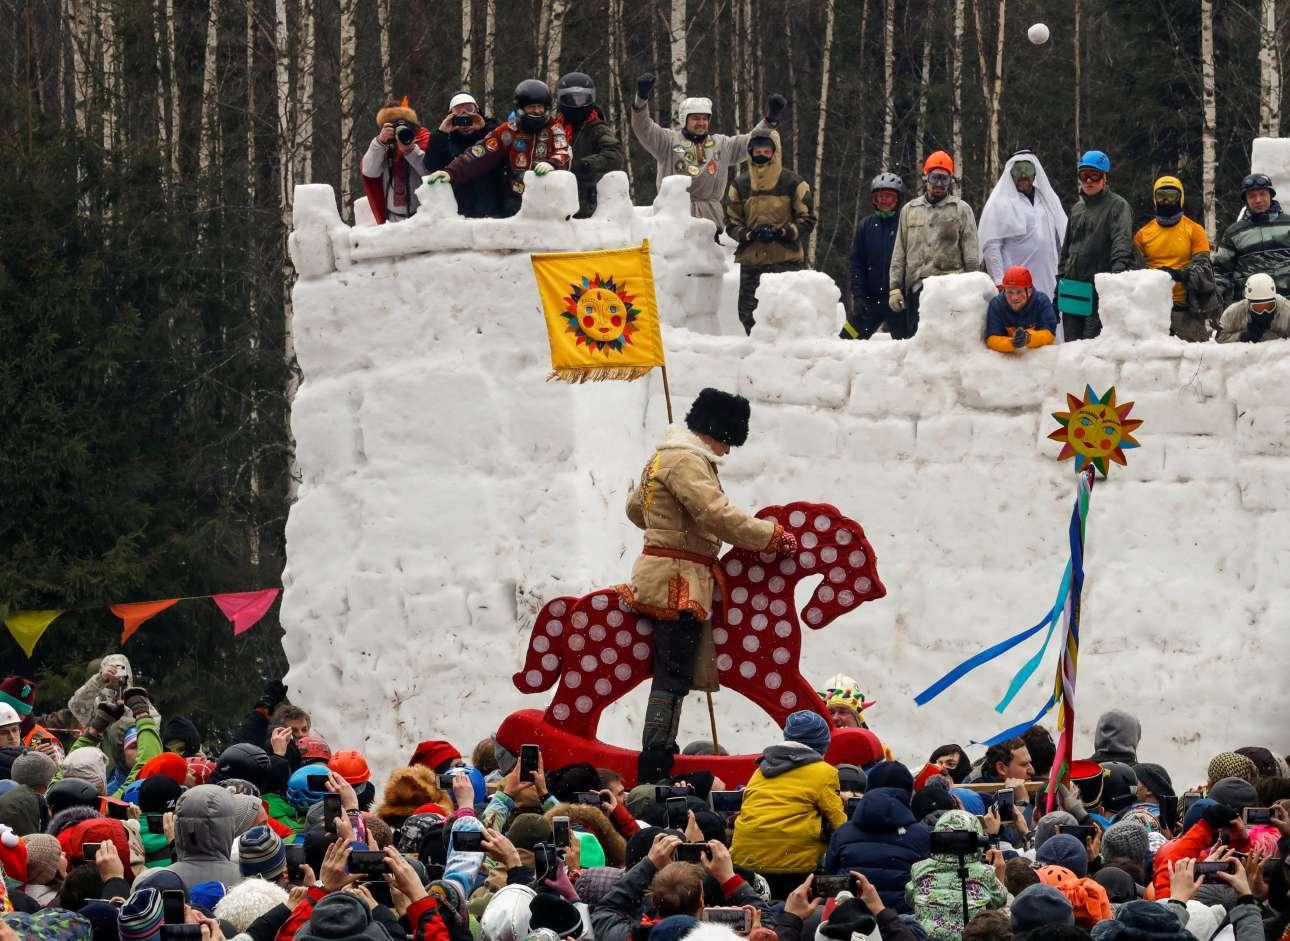 Μάχη για το κάστρο από χιόνι